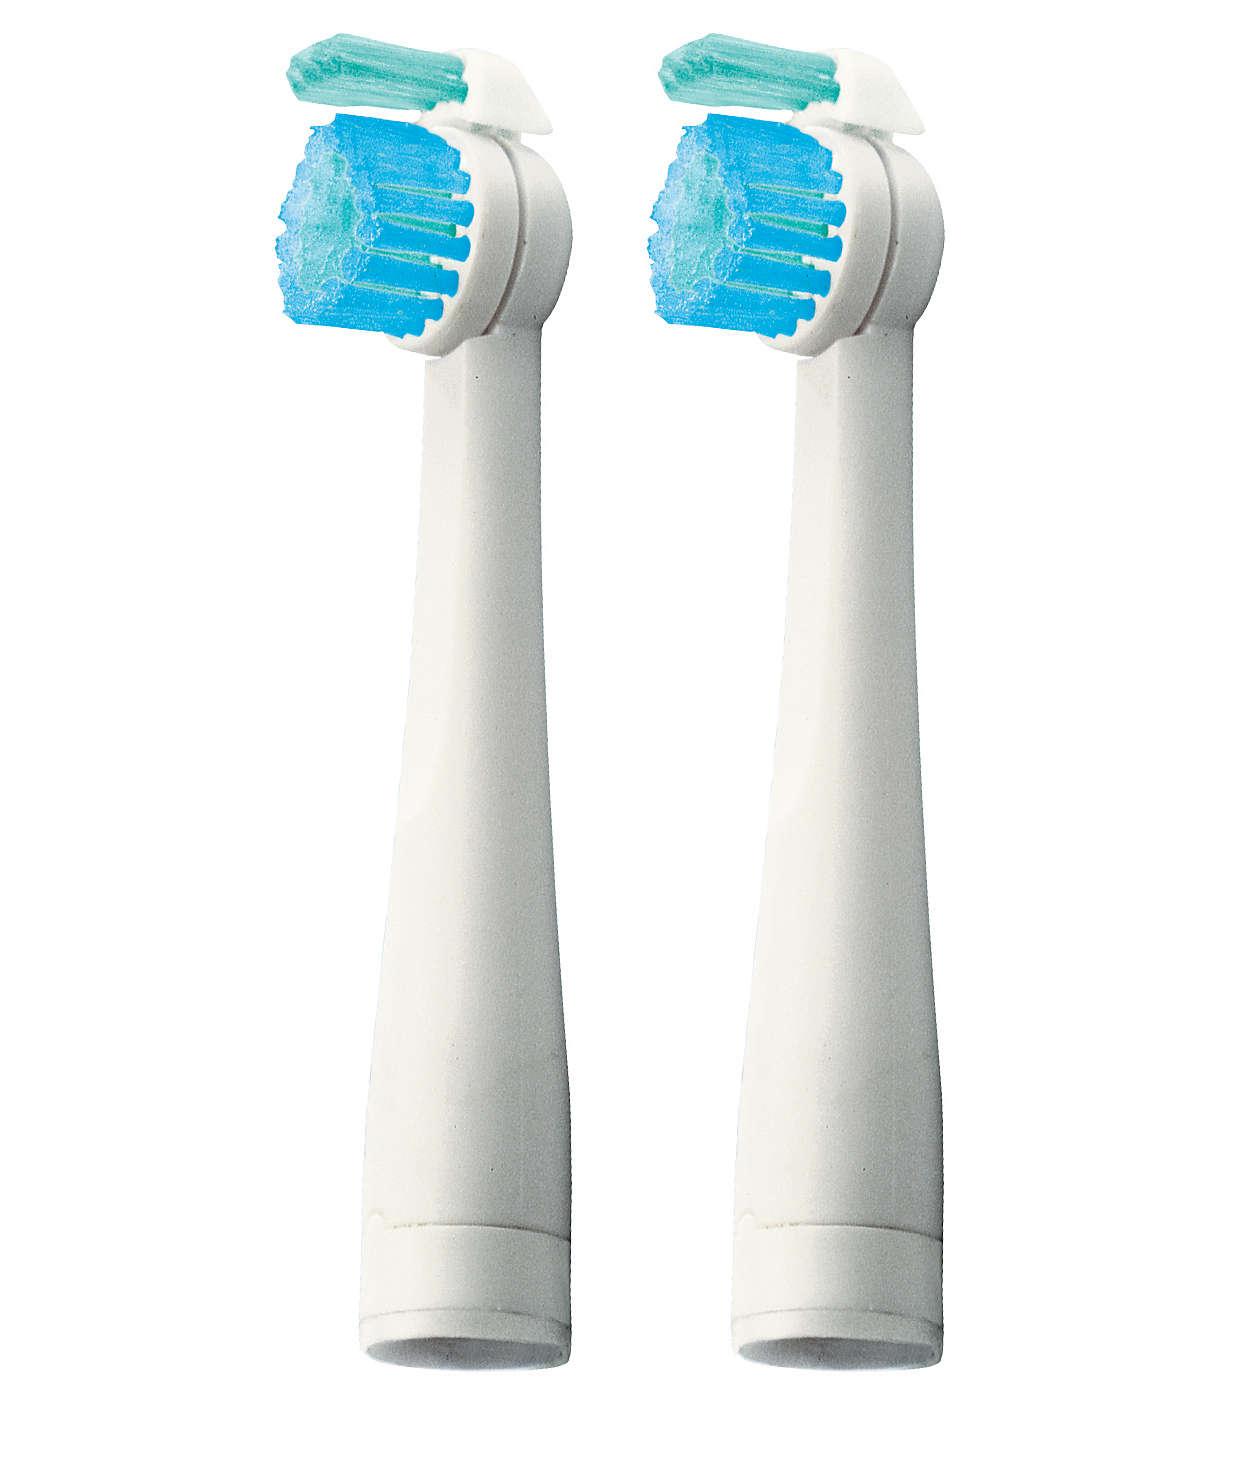 Sikat gigi pengganti dengan aksi pembersihan ganda